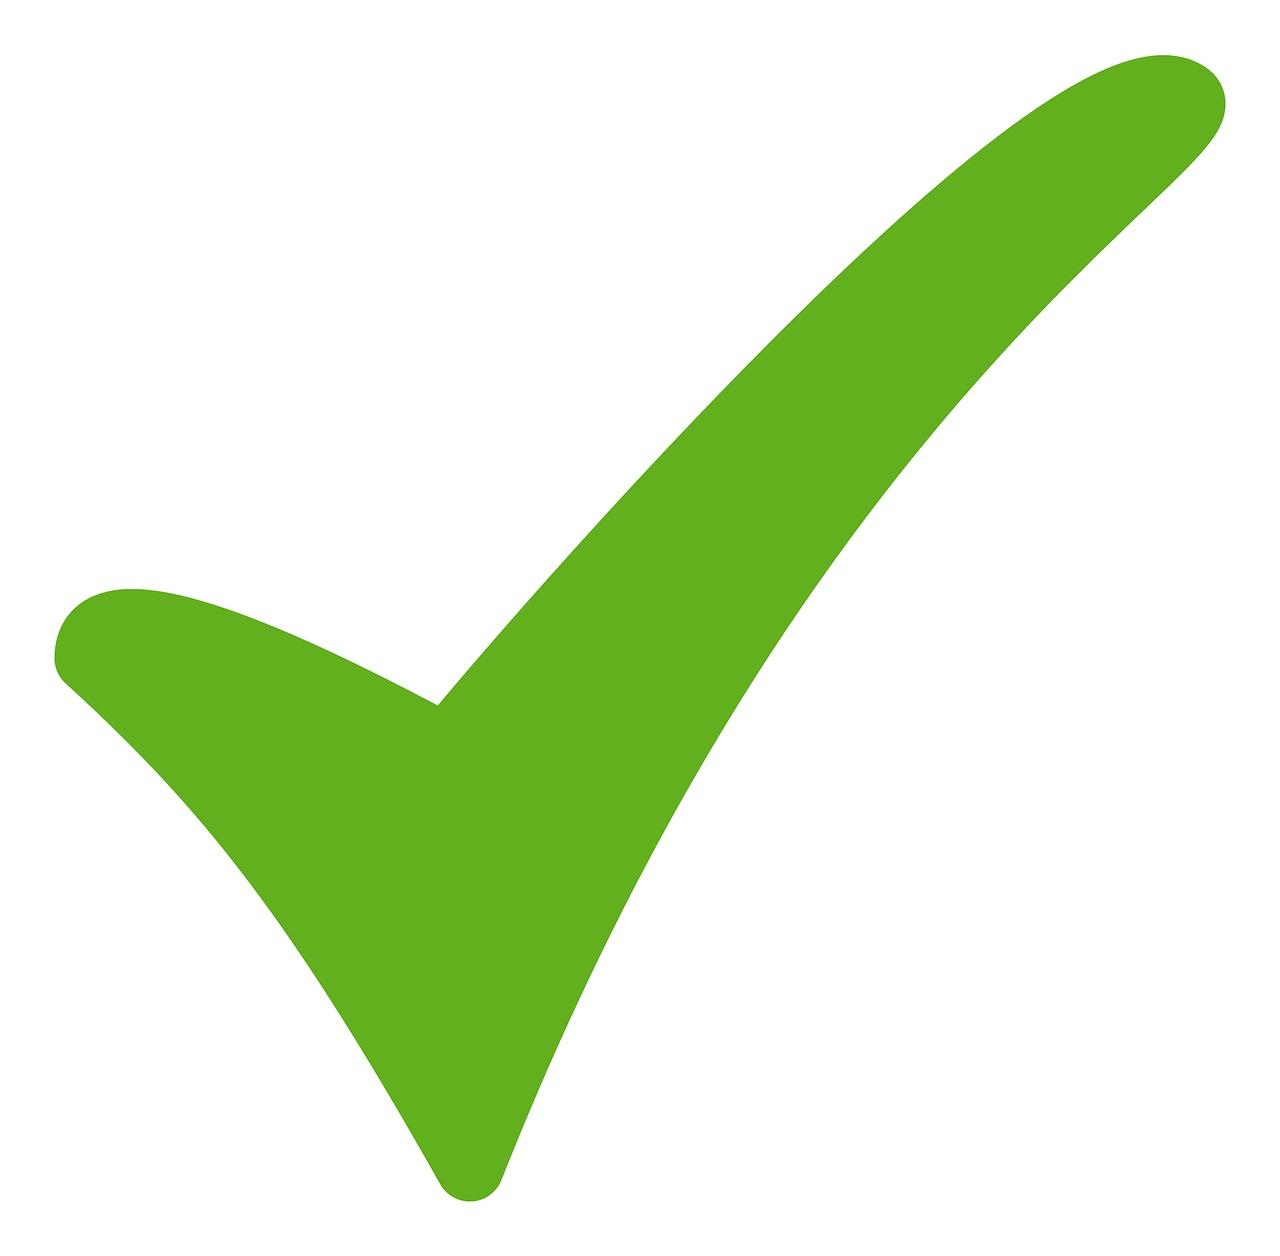 Het juiste antwoord op de LVVP-poll over informatie aan de huisarts